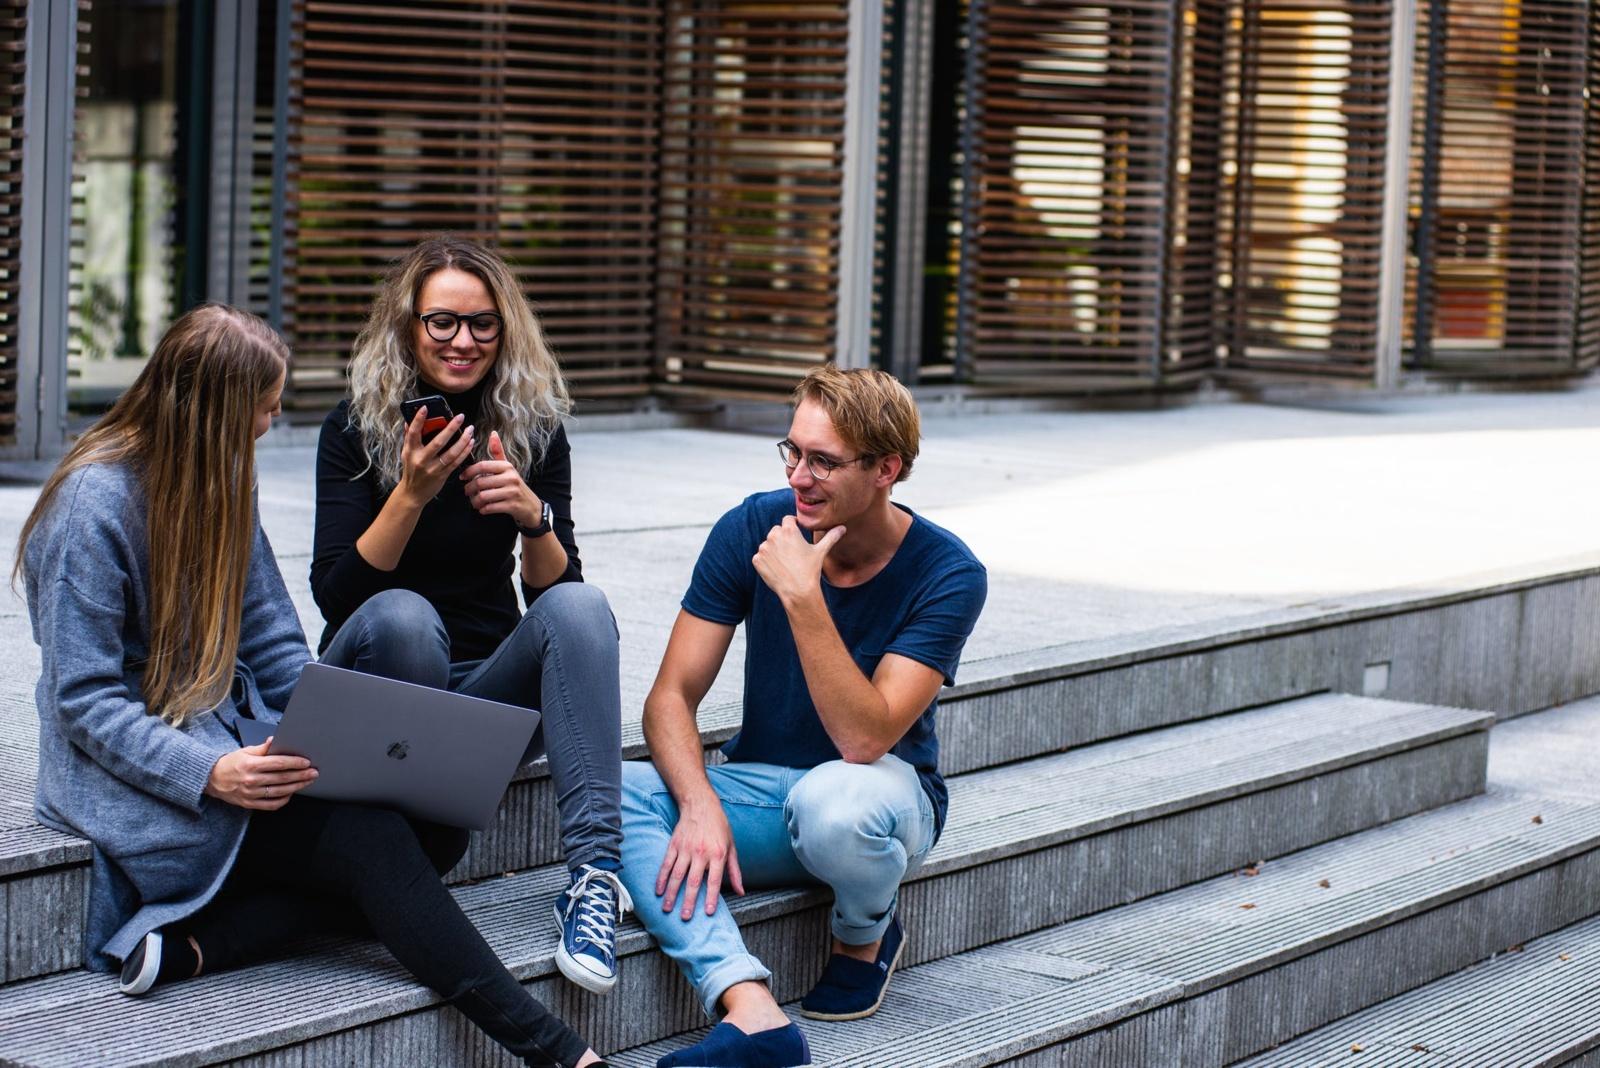 Ekspertė įvardijo, kodėl jauni žmonės studijoms renkasi užsienio universitetus